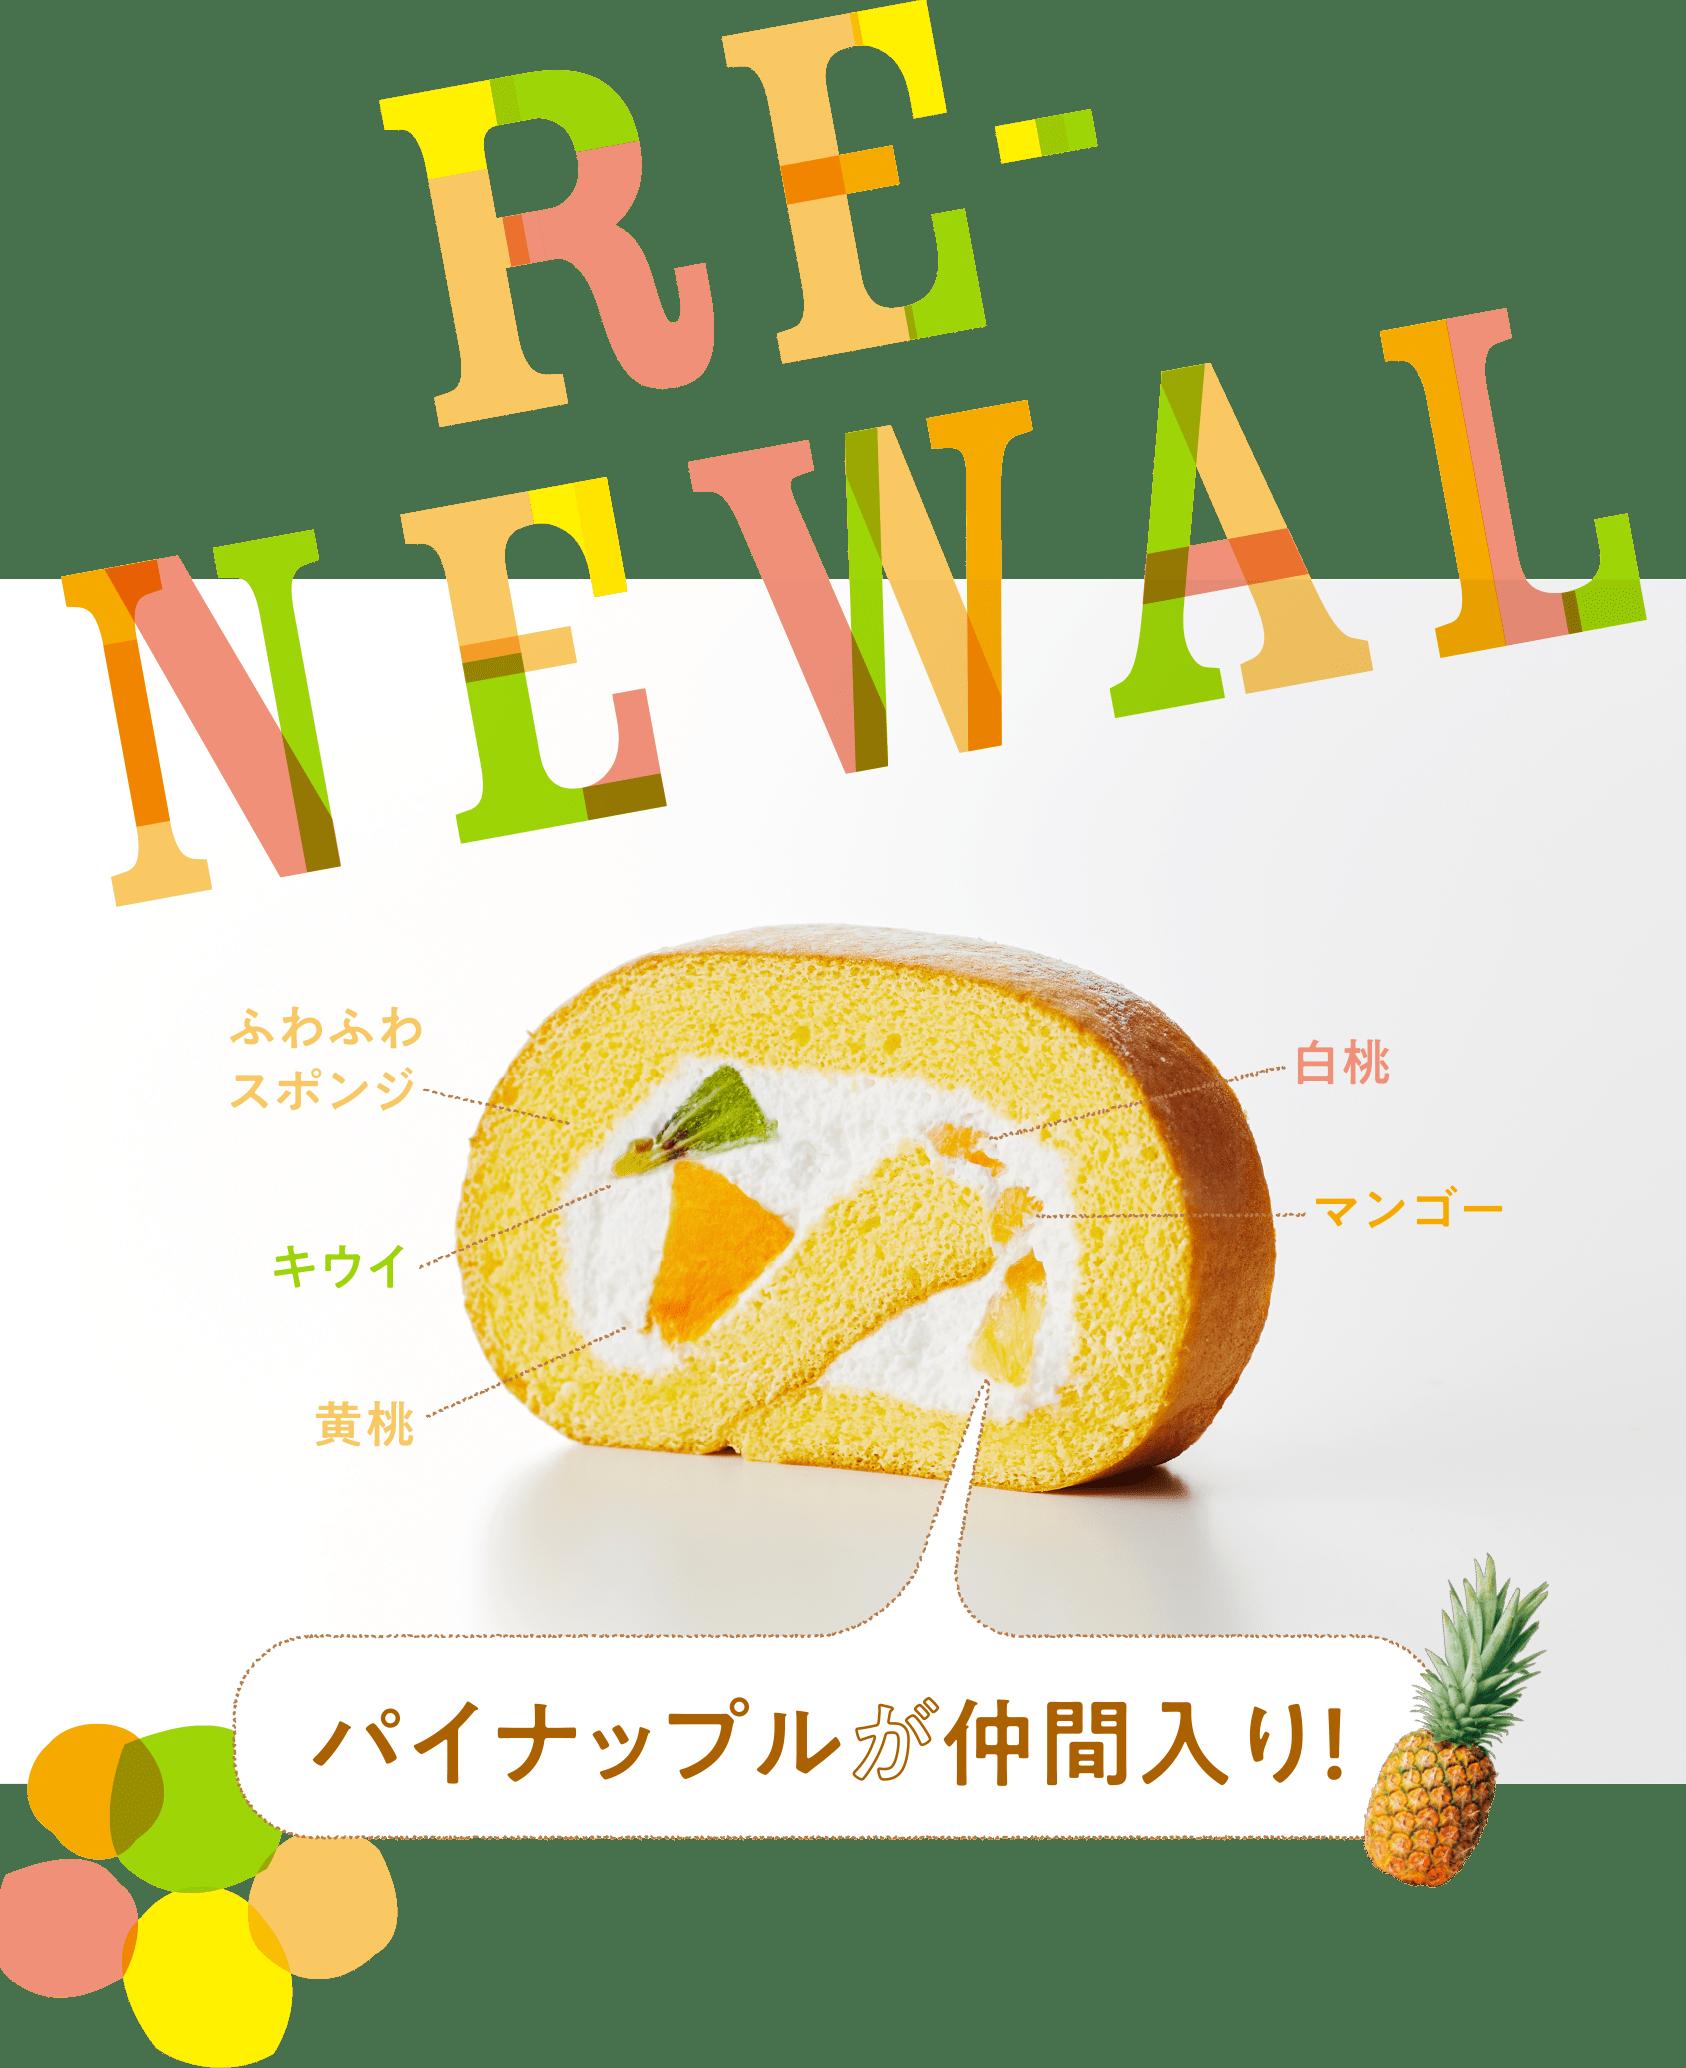 RENEWAL パイナップルが仲間入り!